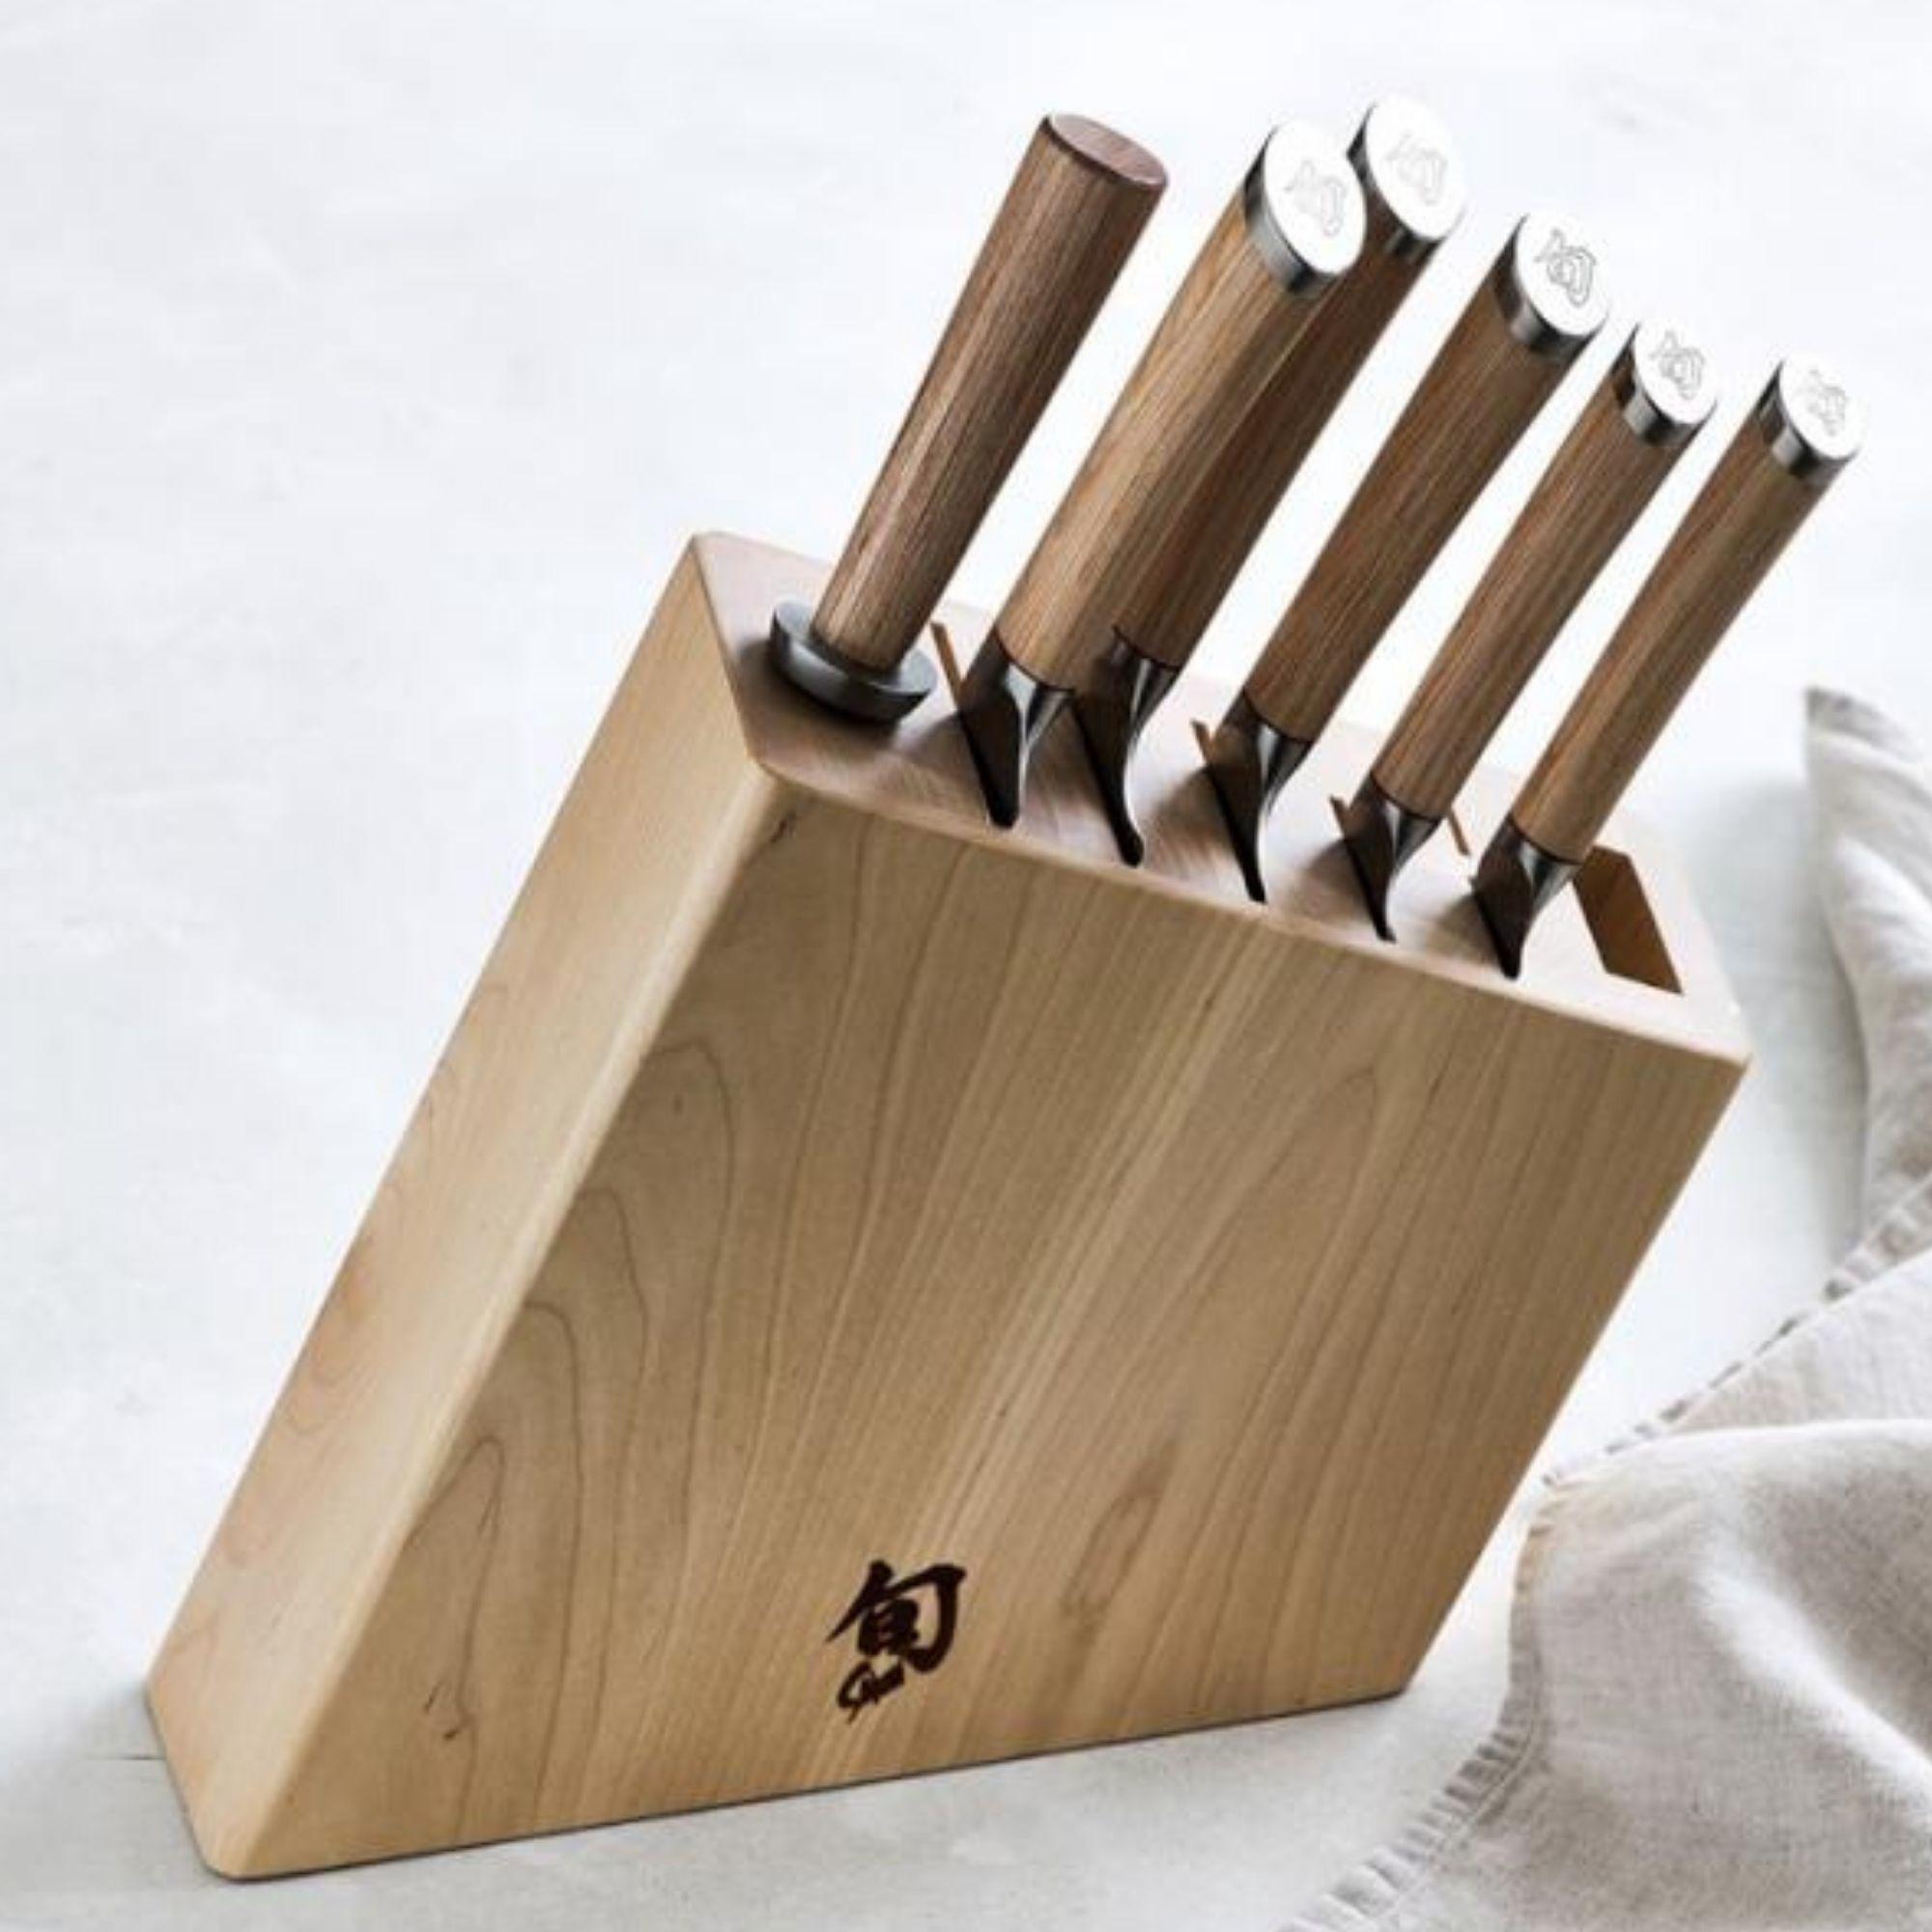 Hudson's Bay Knife Set